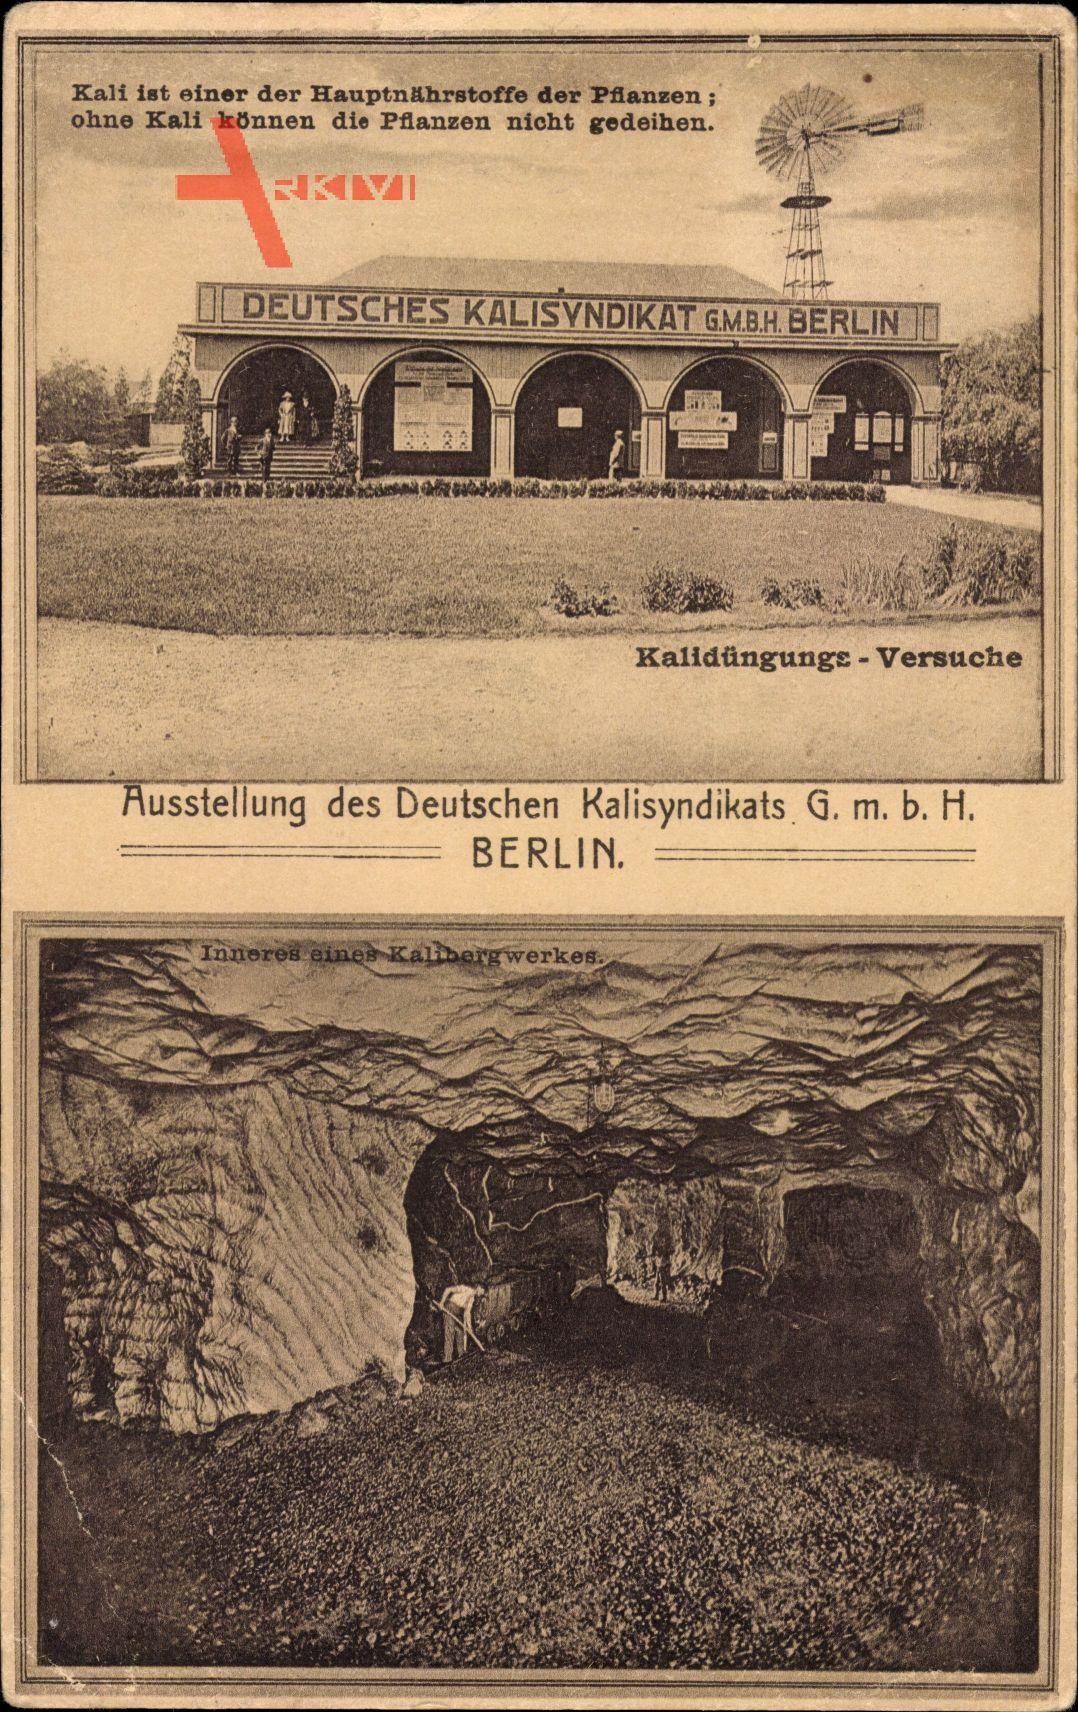 Leipzig in Sachsen, 28. Landwirtschaftl. Ausst. 1921, Dt. Kalisyndikat Berlin